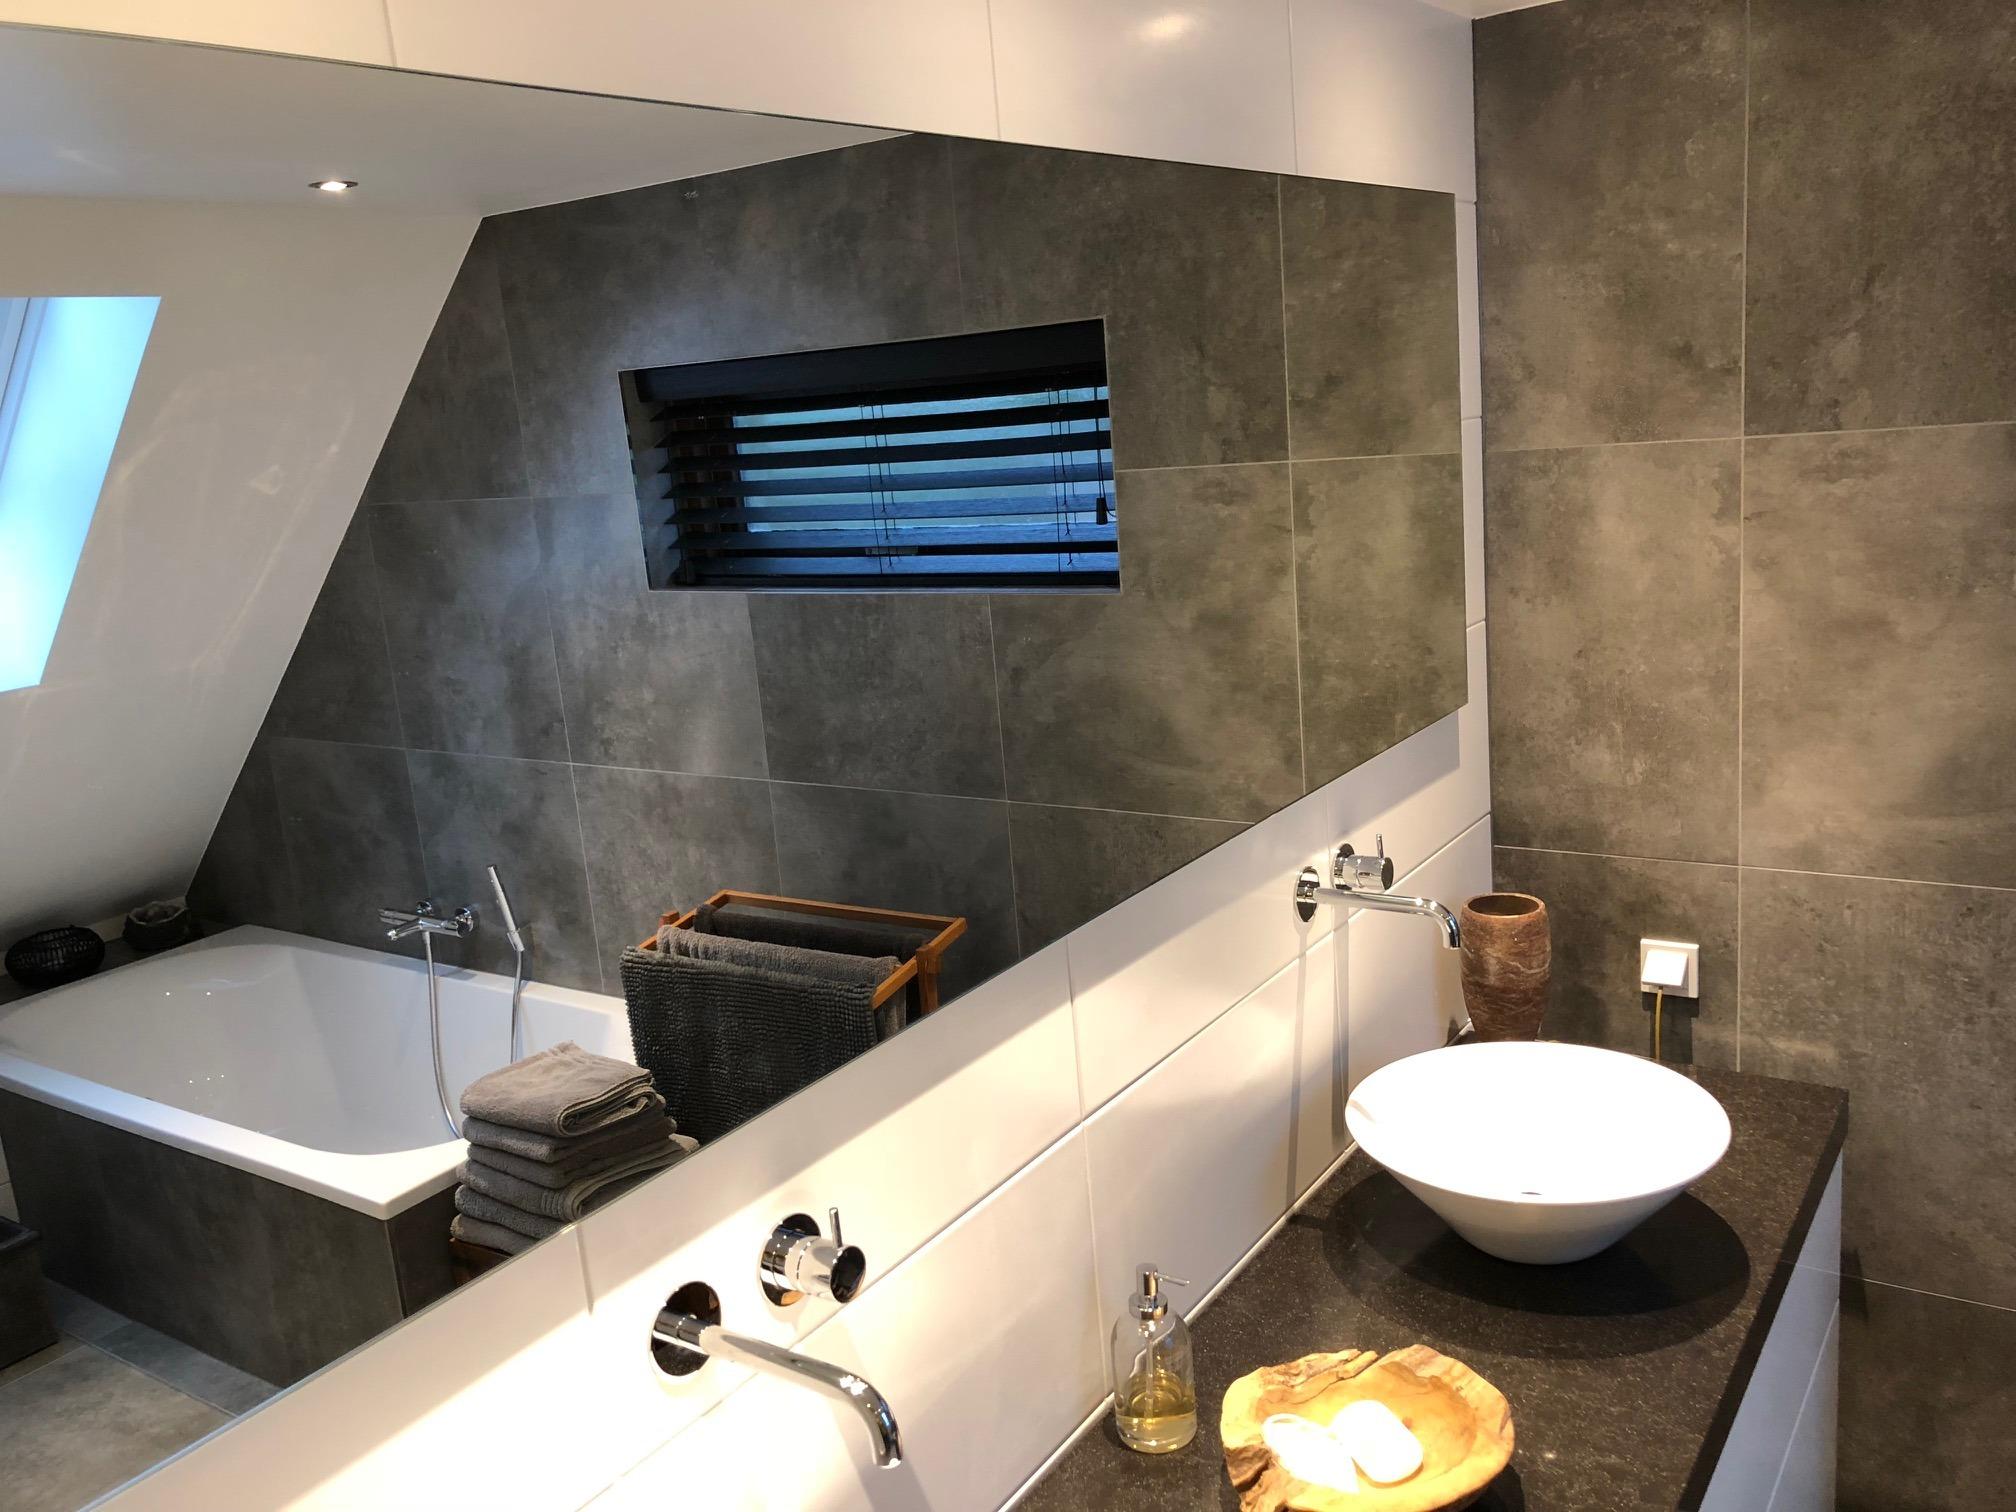 Tegels Badkamer Apeldoorn : Badkamer apeldoorn ugchelen ⋆ wiesenekker badkamerconcepten